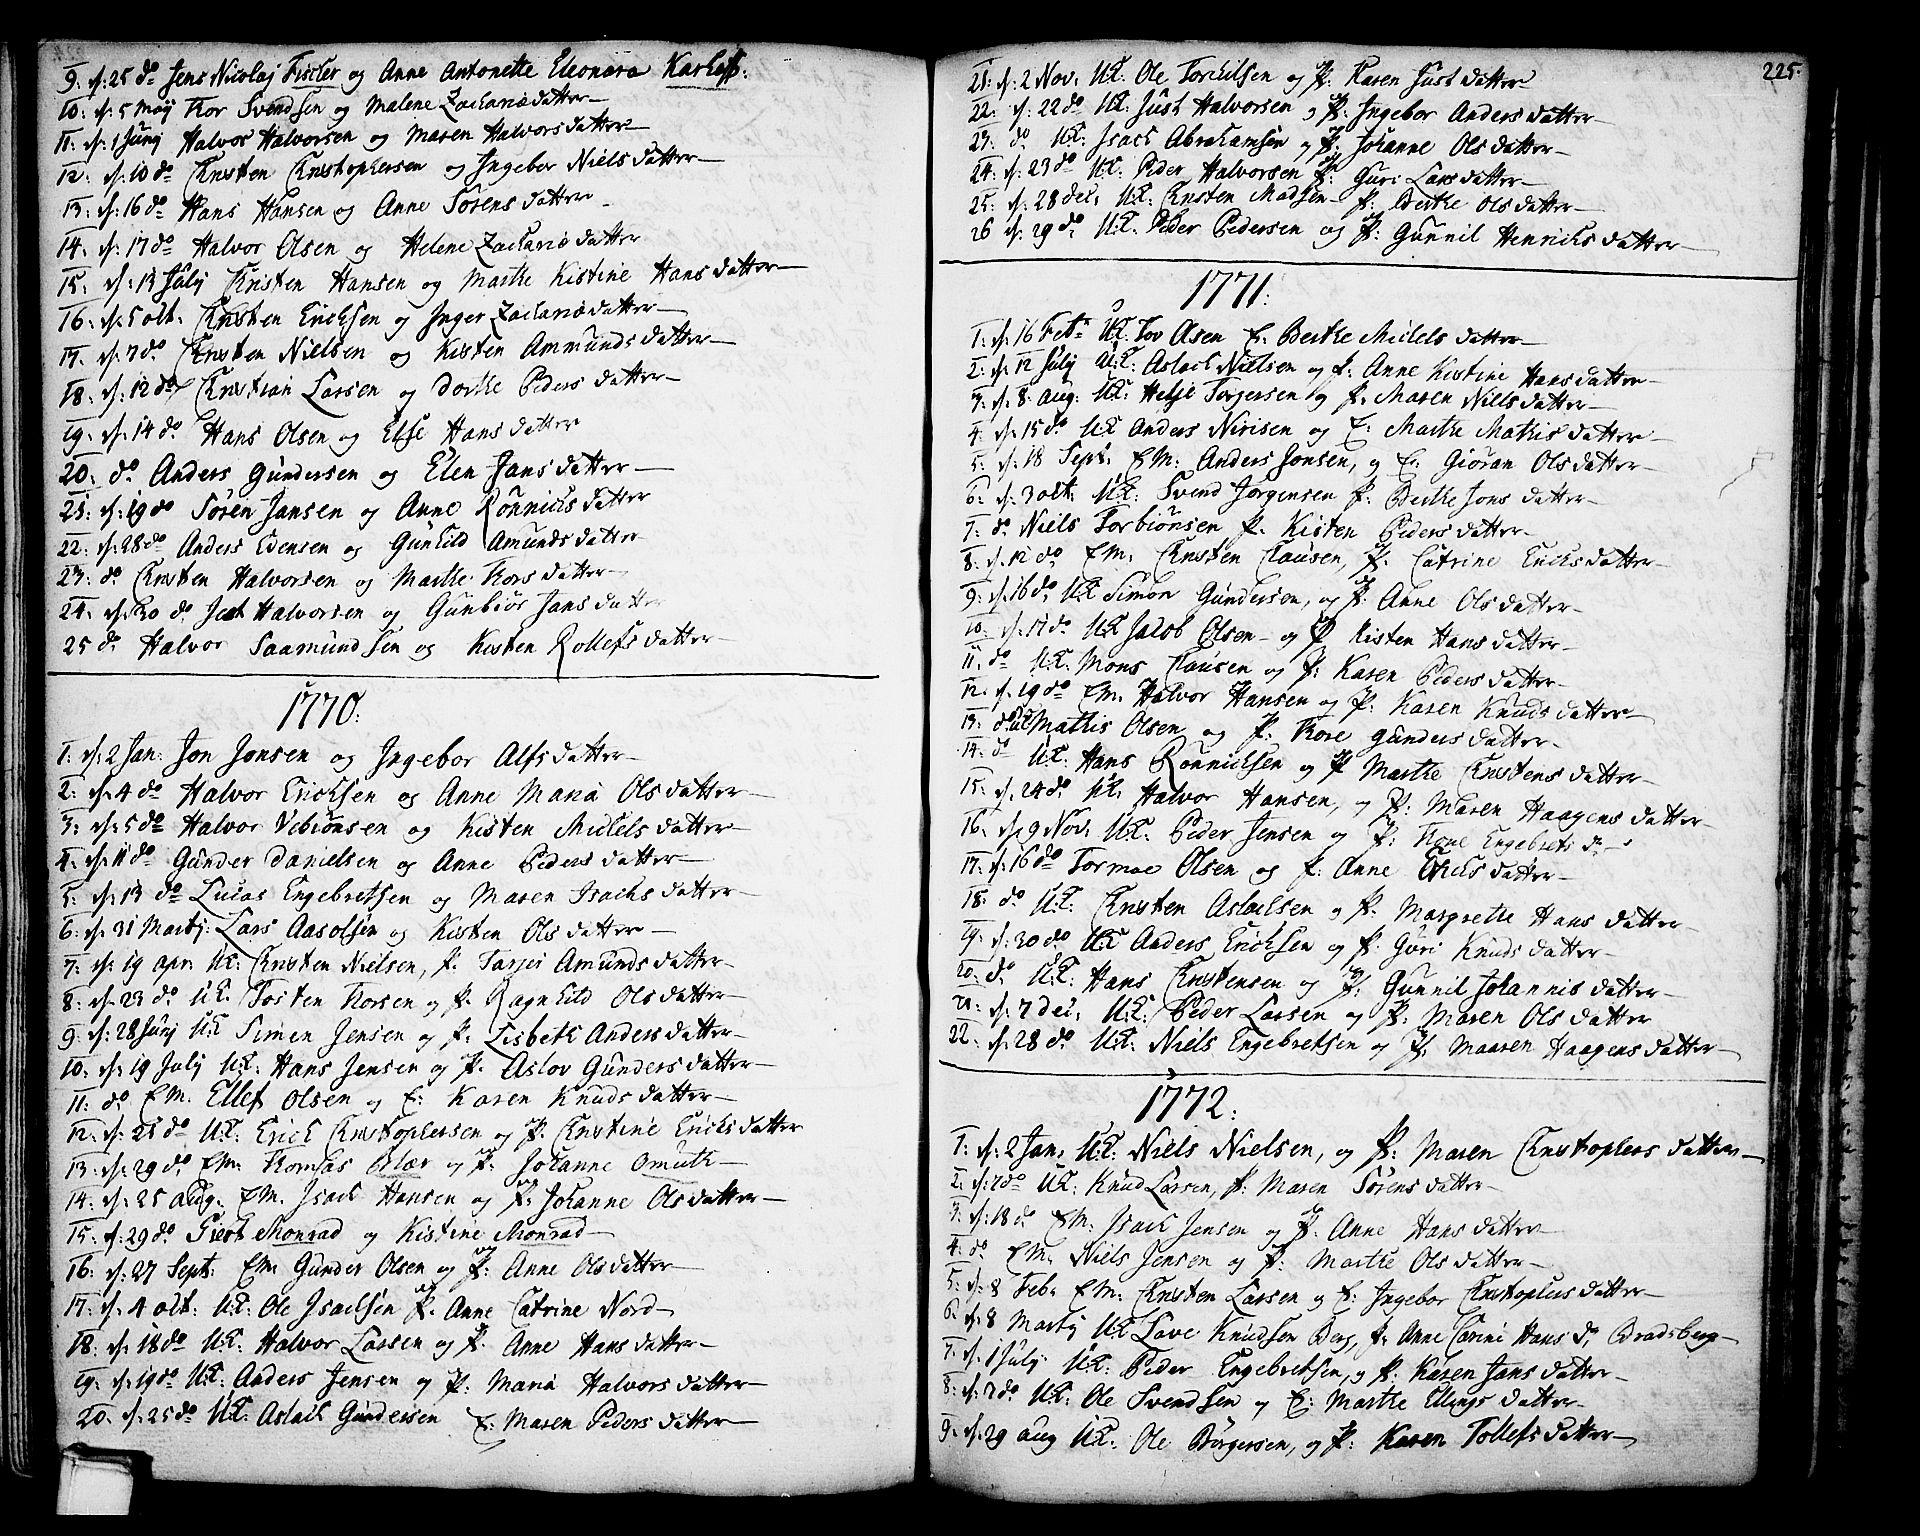 SAKO, Gjerpen kirkebøker, F/Fa/L0002: Ministerialbok nr. 2, 1747-1795, s. 225